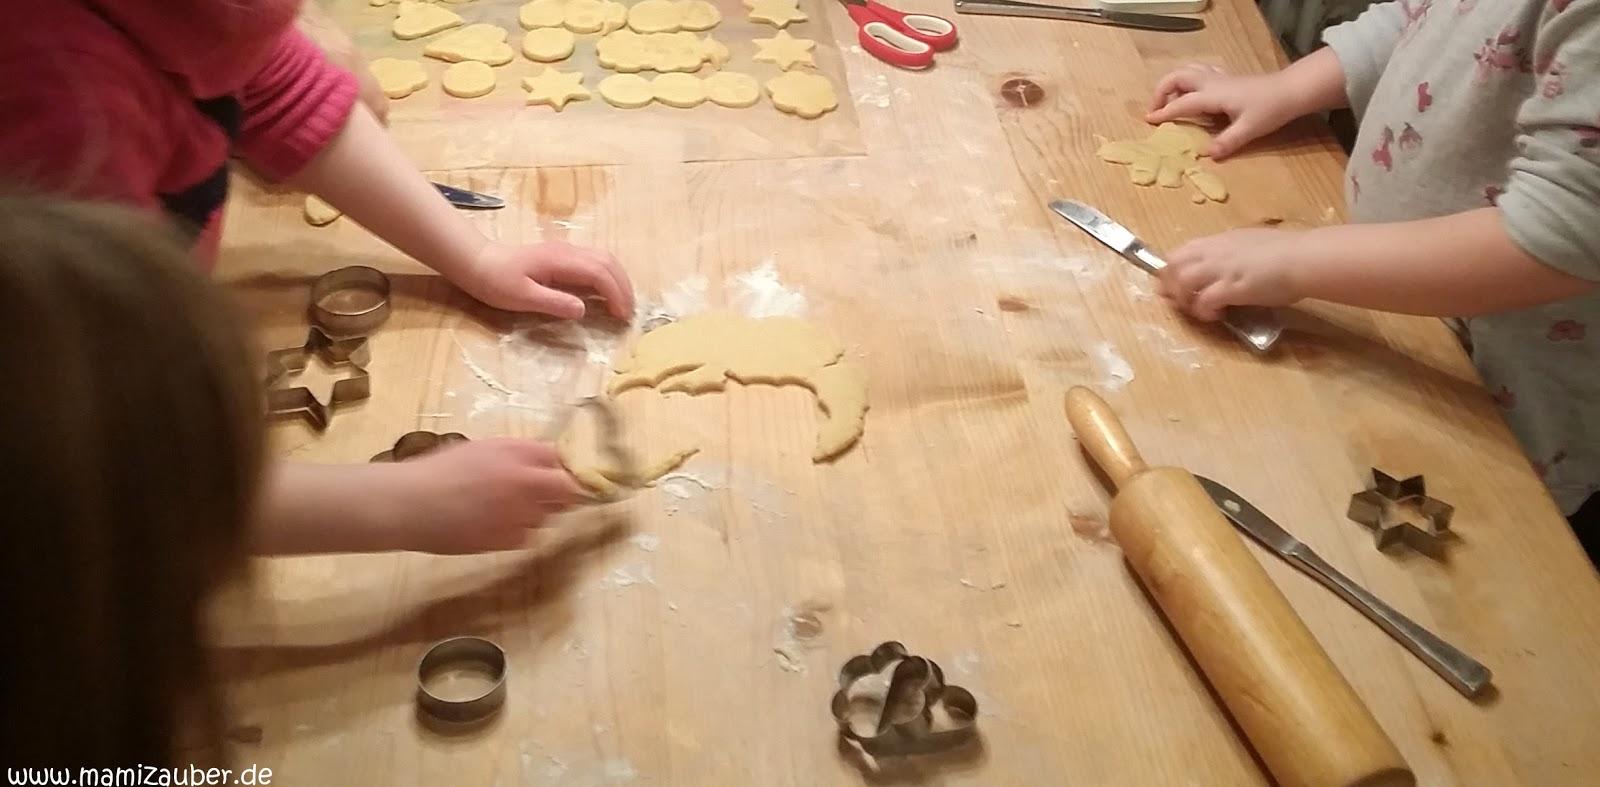 Last minute pl tzchen zum ausstechen und verzieren weihnachtskekse f r kinder mamizauber - Platzchen dekorieren ...